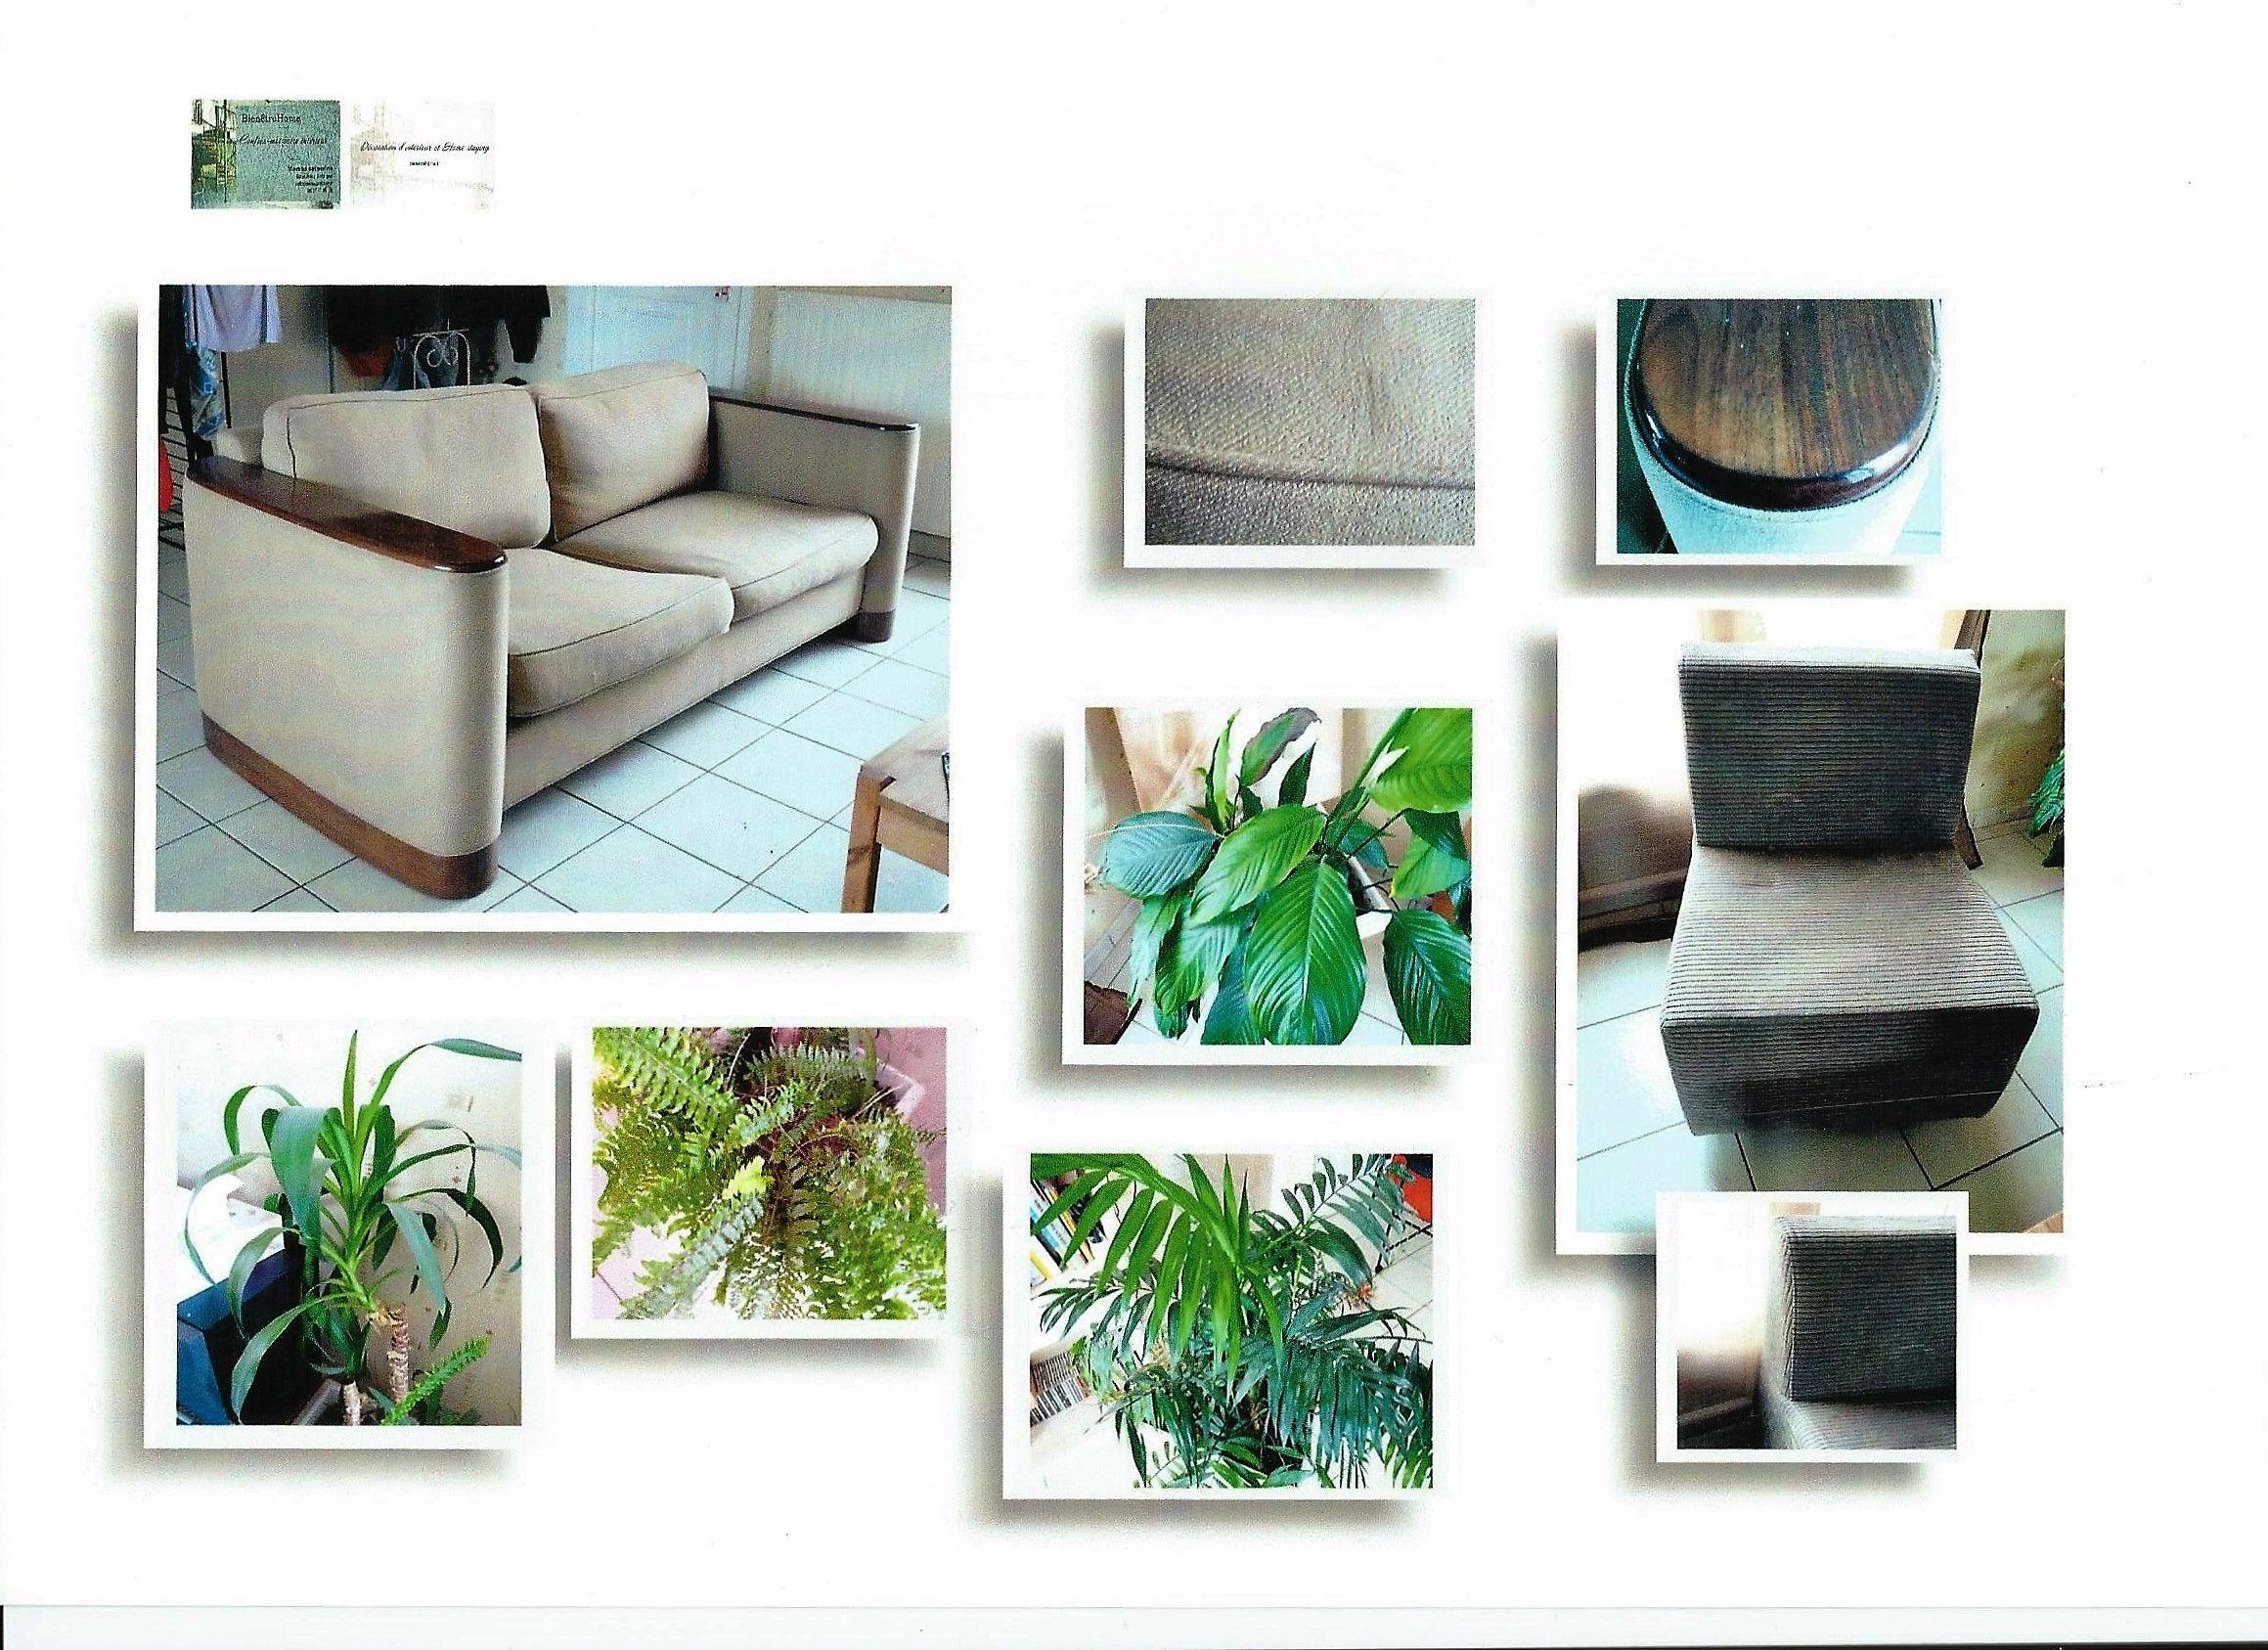 315fb95647bb3f0cef1757597cf83e12 Impressionnant De Table Petit Espace Concept